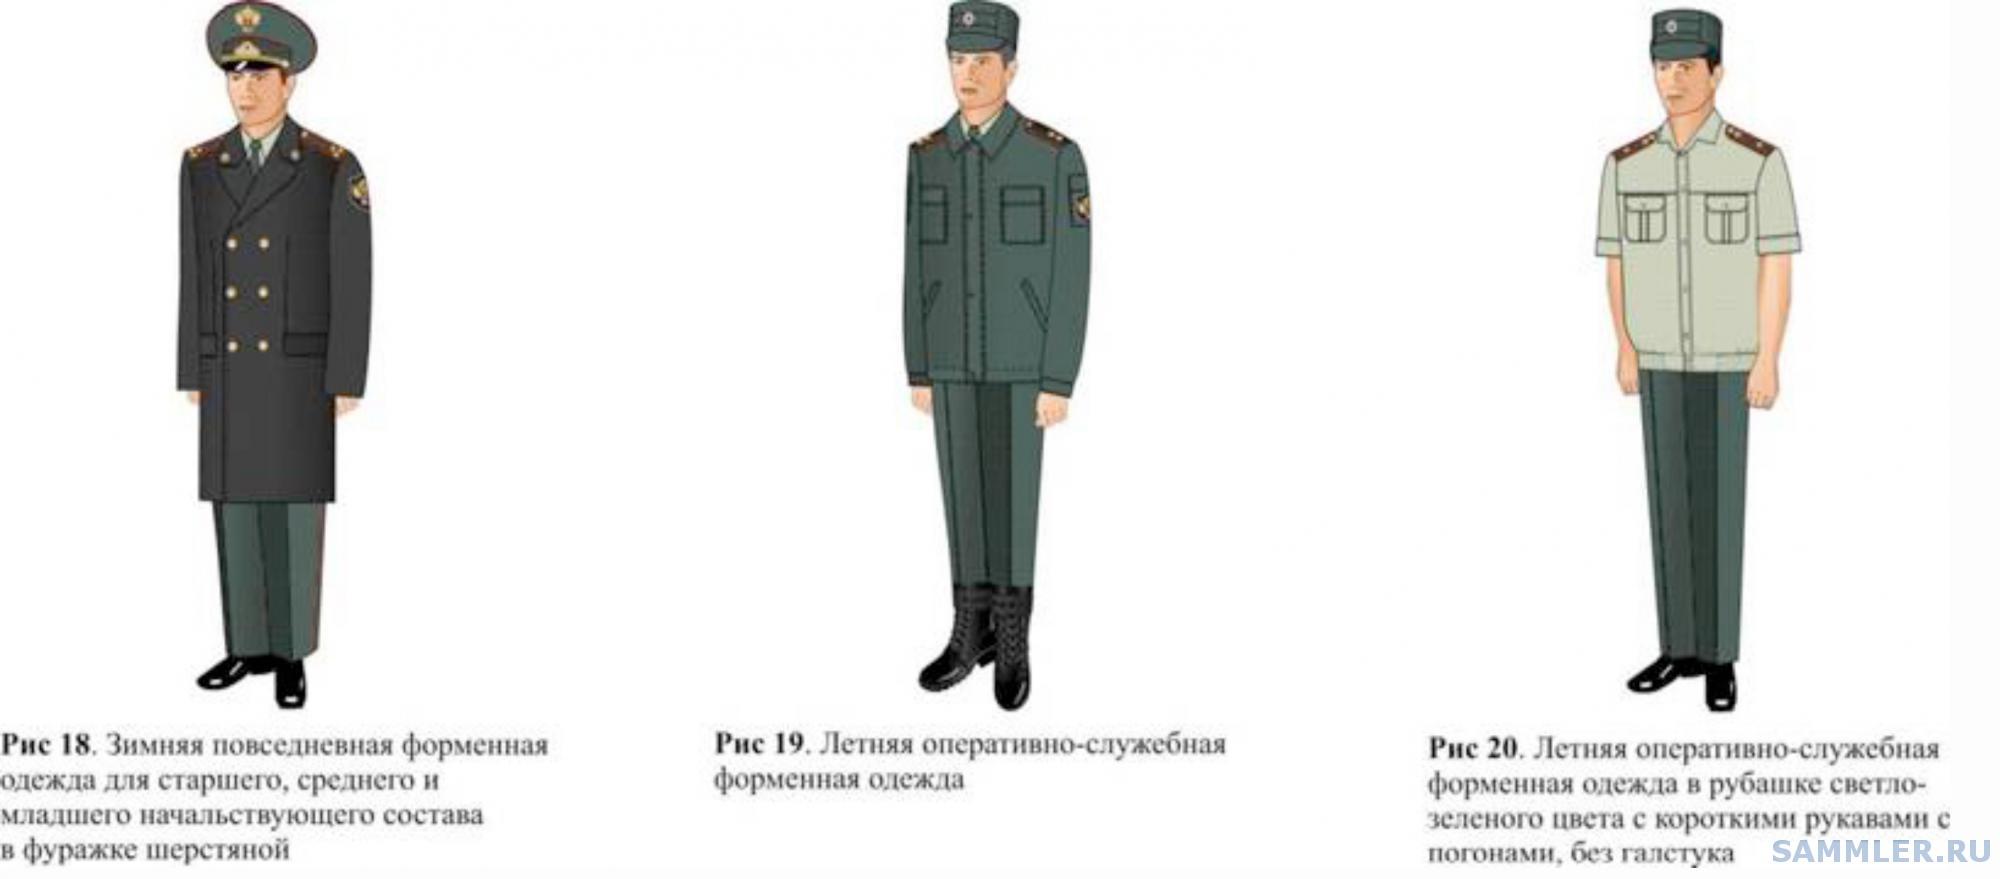 Форменная одежда сотрудников-14.jpg